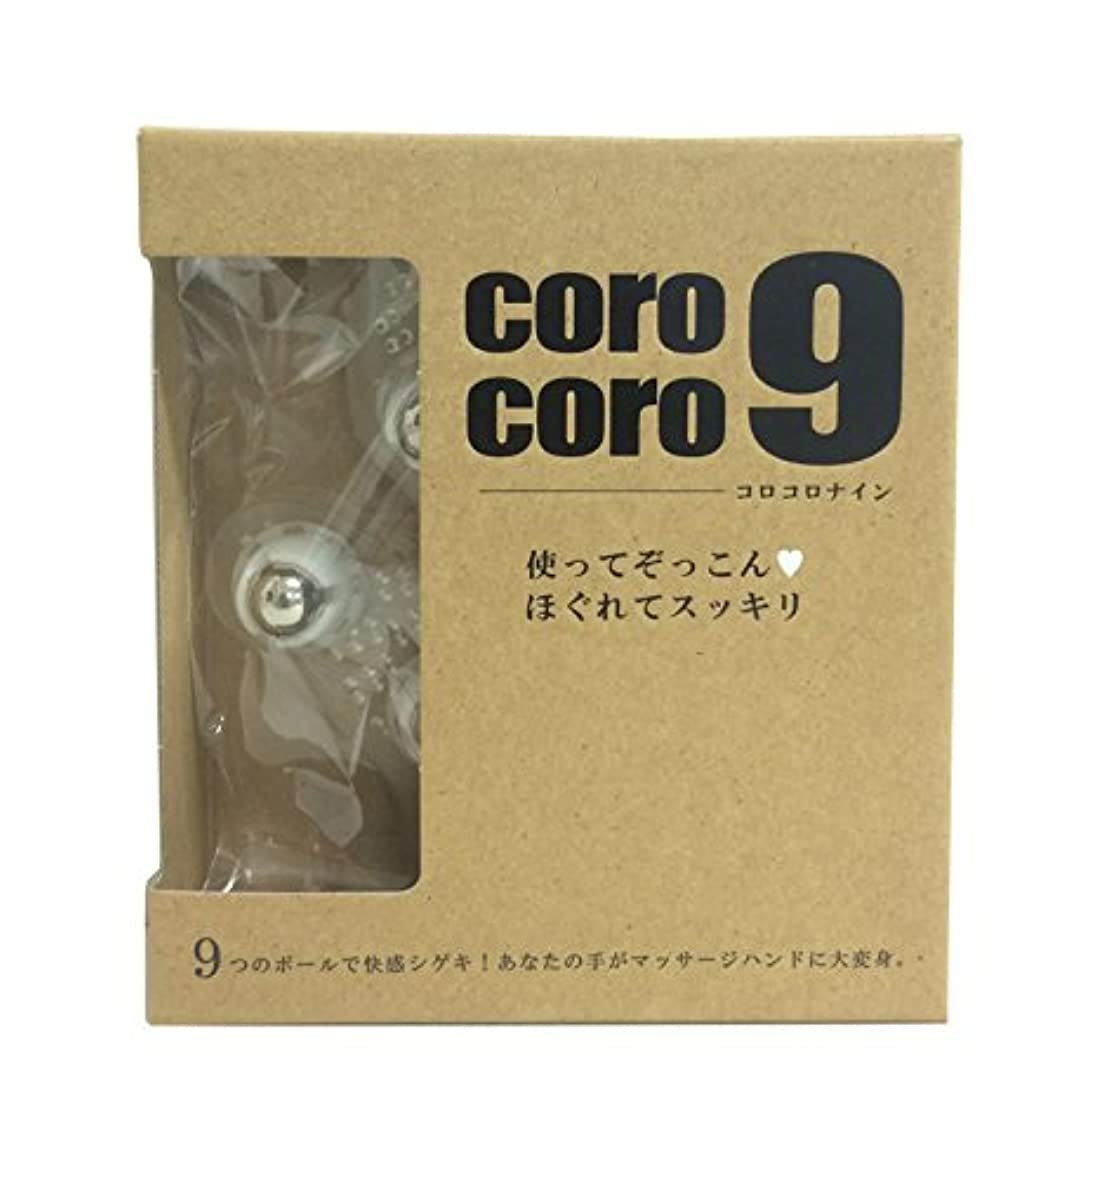 それ翻訳者地球Reシリーズ CoroCoro9 クリア